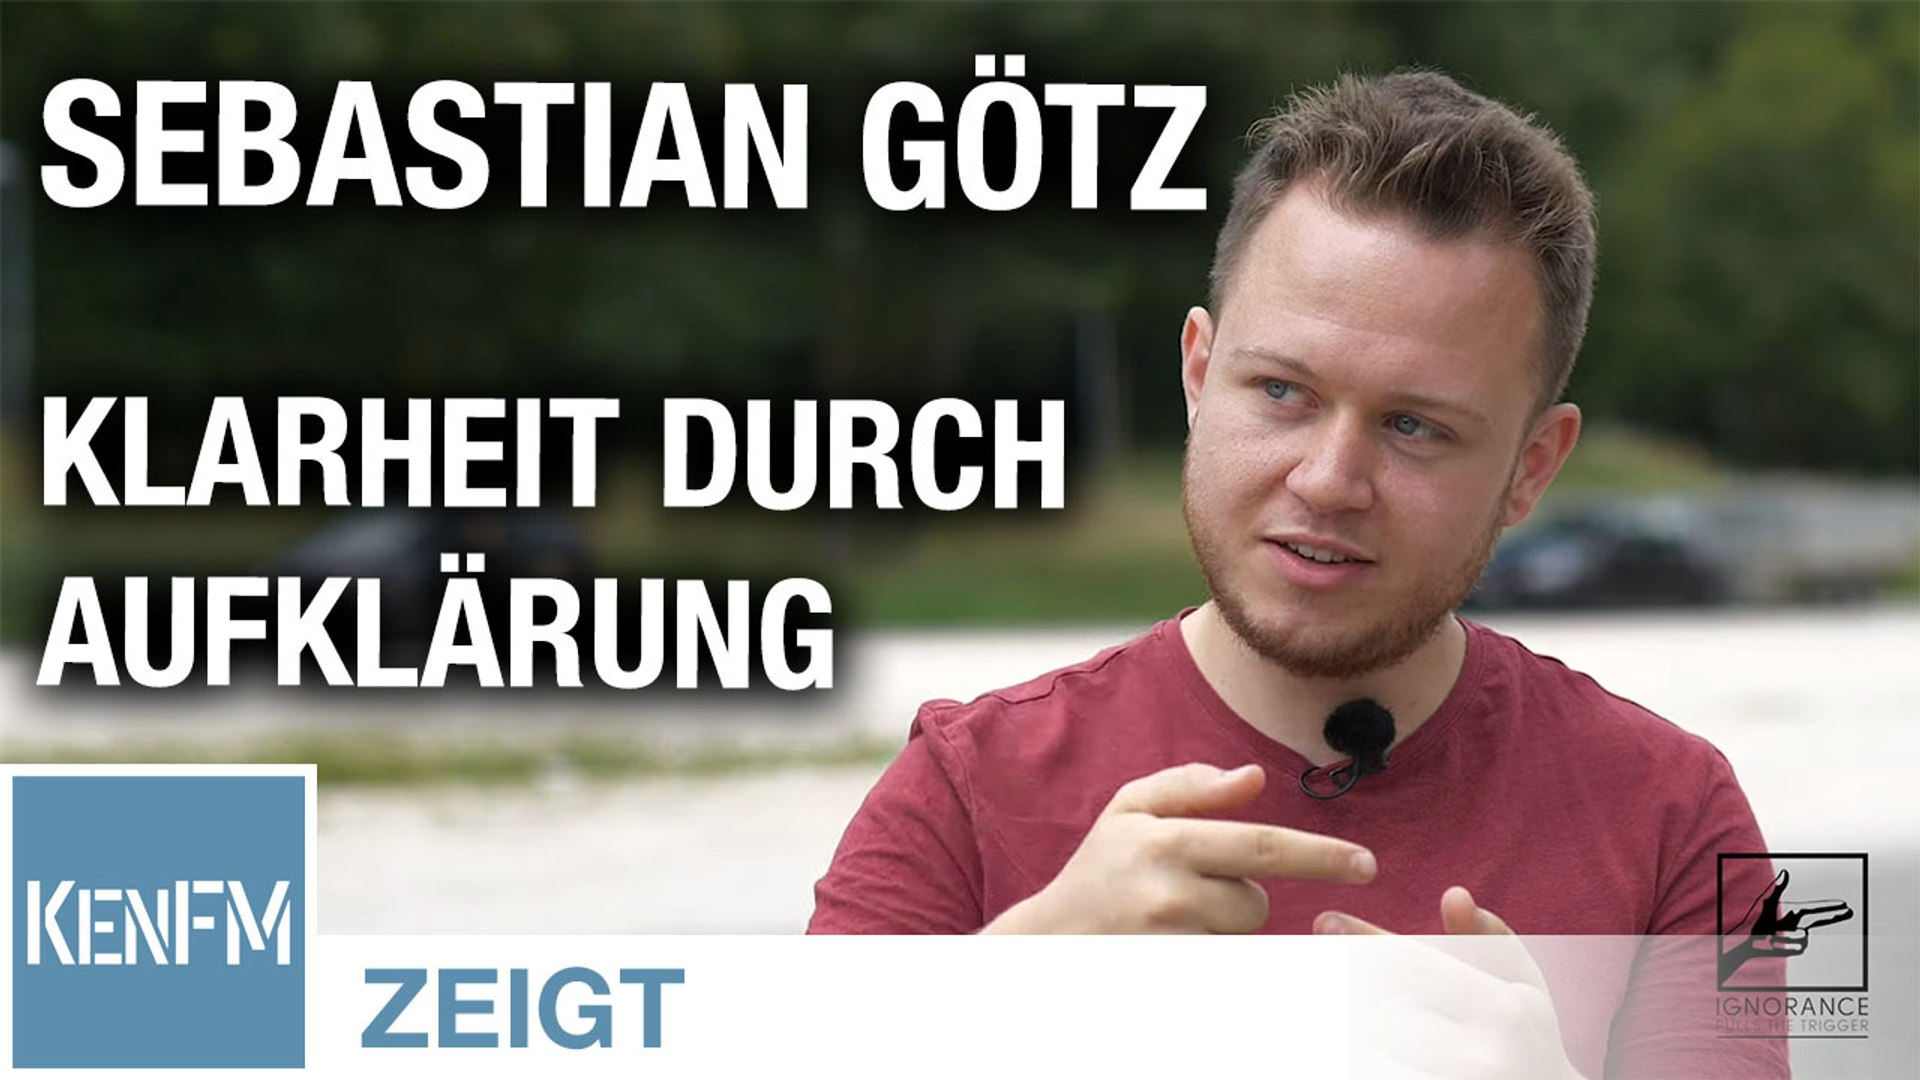 Sebastian Götz – Fakten, Fakten, Fakten: Klarheit durch Aufklärung in einer Stunde